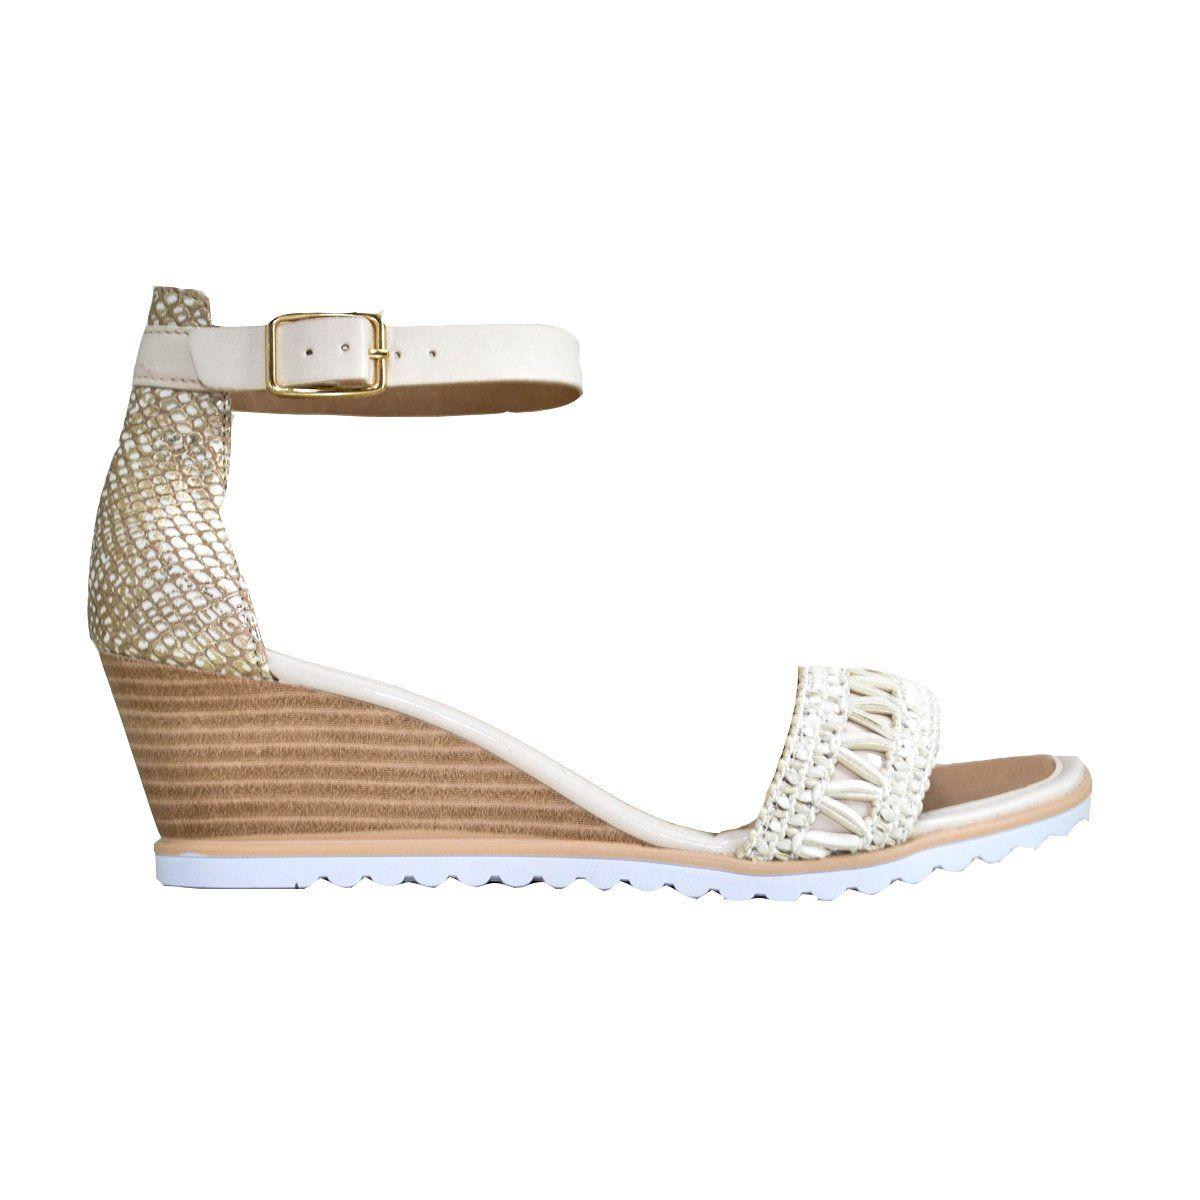 Compre online Sandália anabela tratorada da Ramarim 178205 coleção  tendências da moda verão 2018